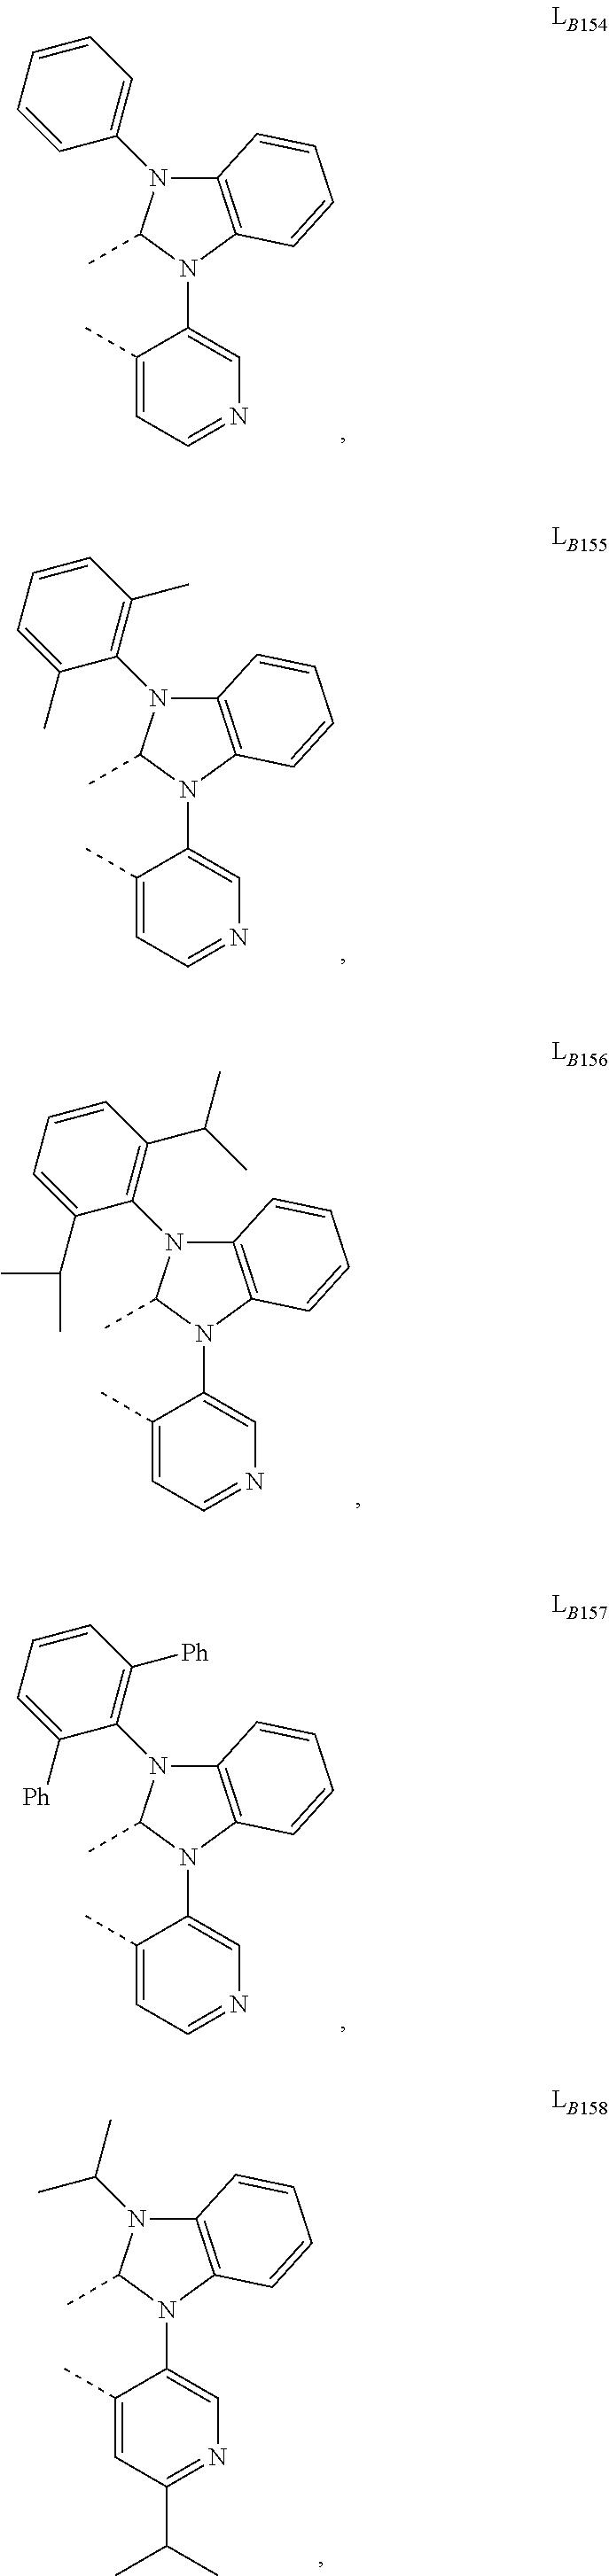 Figure US09905785-20180227-C00592